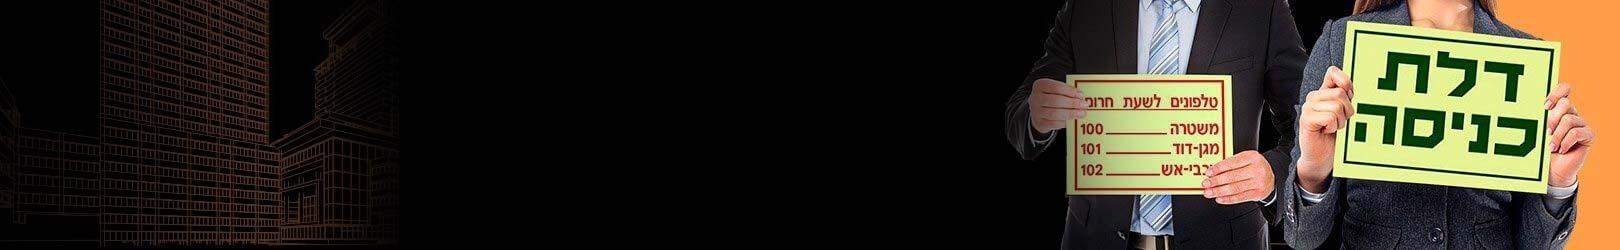 פסי האטה